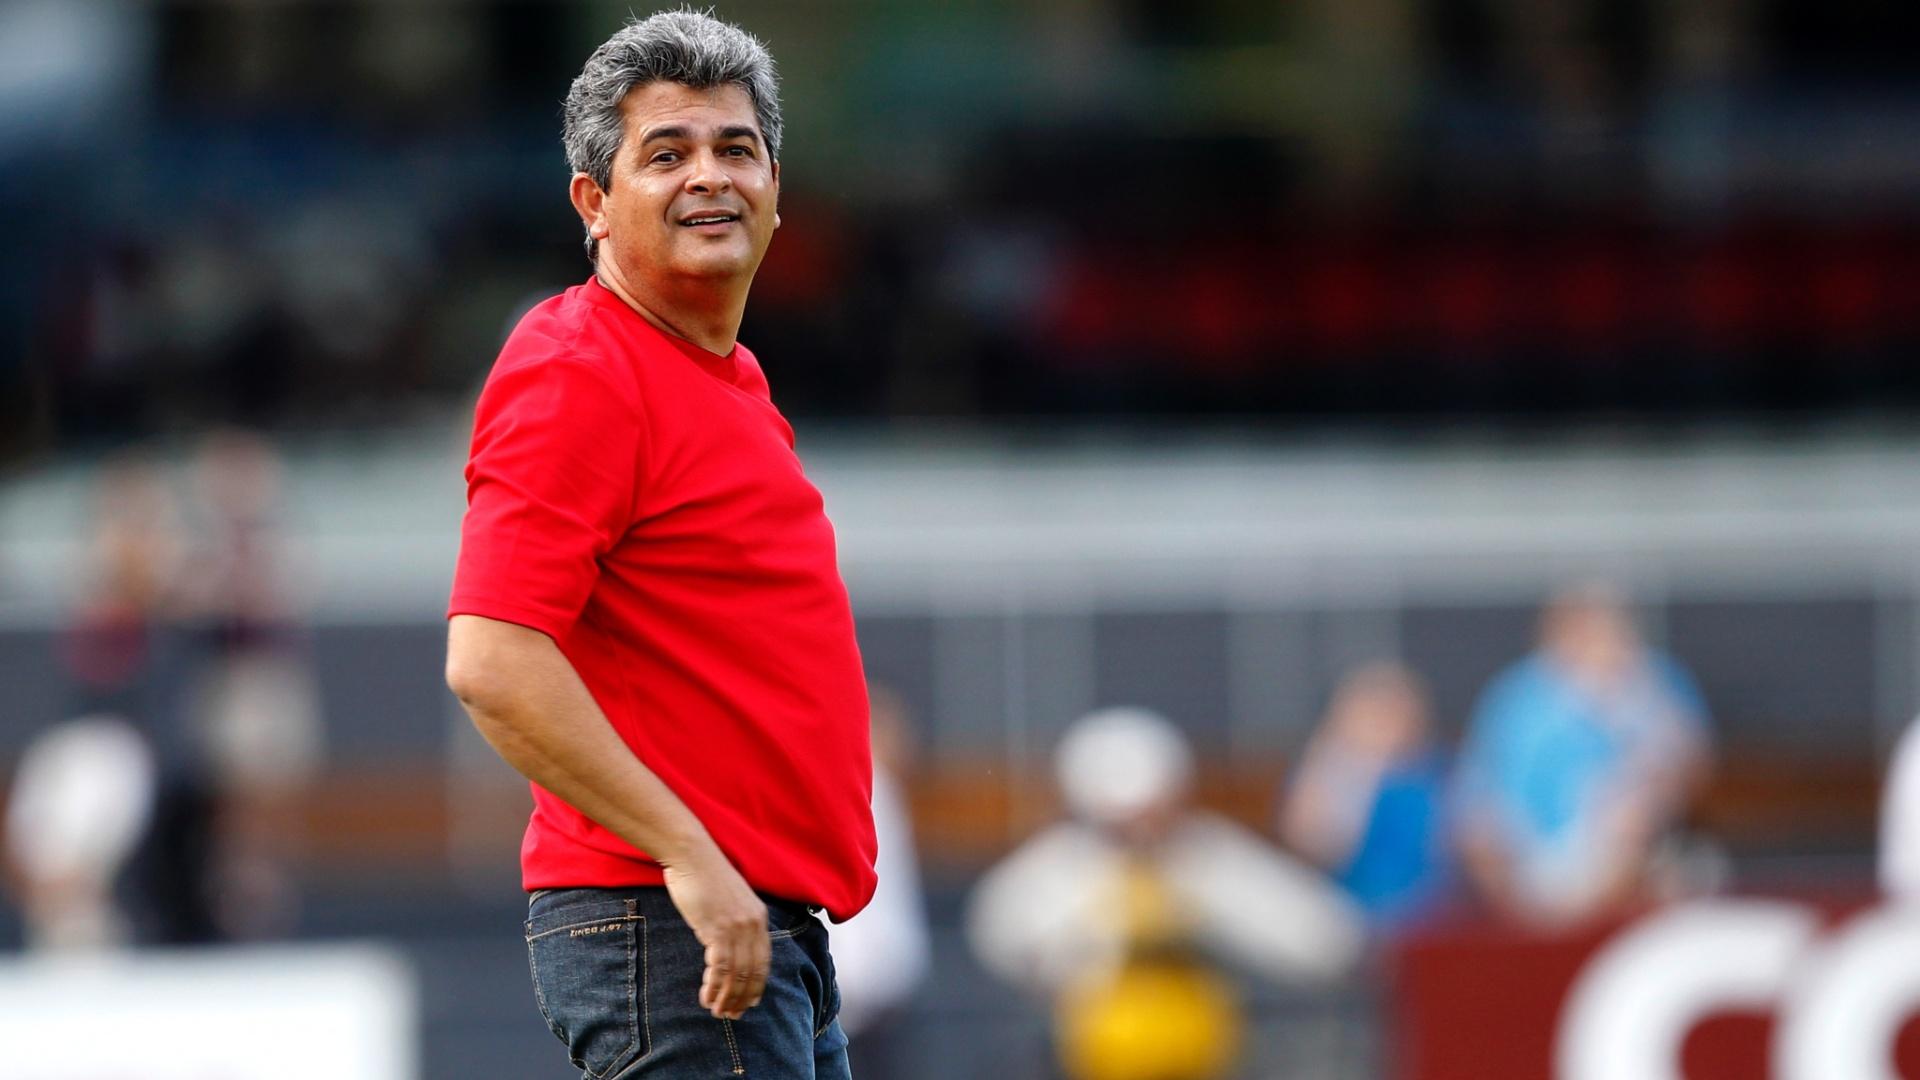 10-03-2013 - Ney Franco observa jogada do São Paulo no clássico contra o Palmeiras